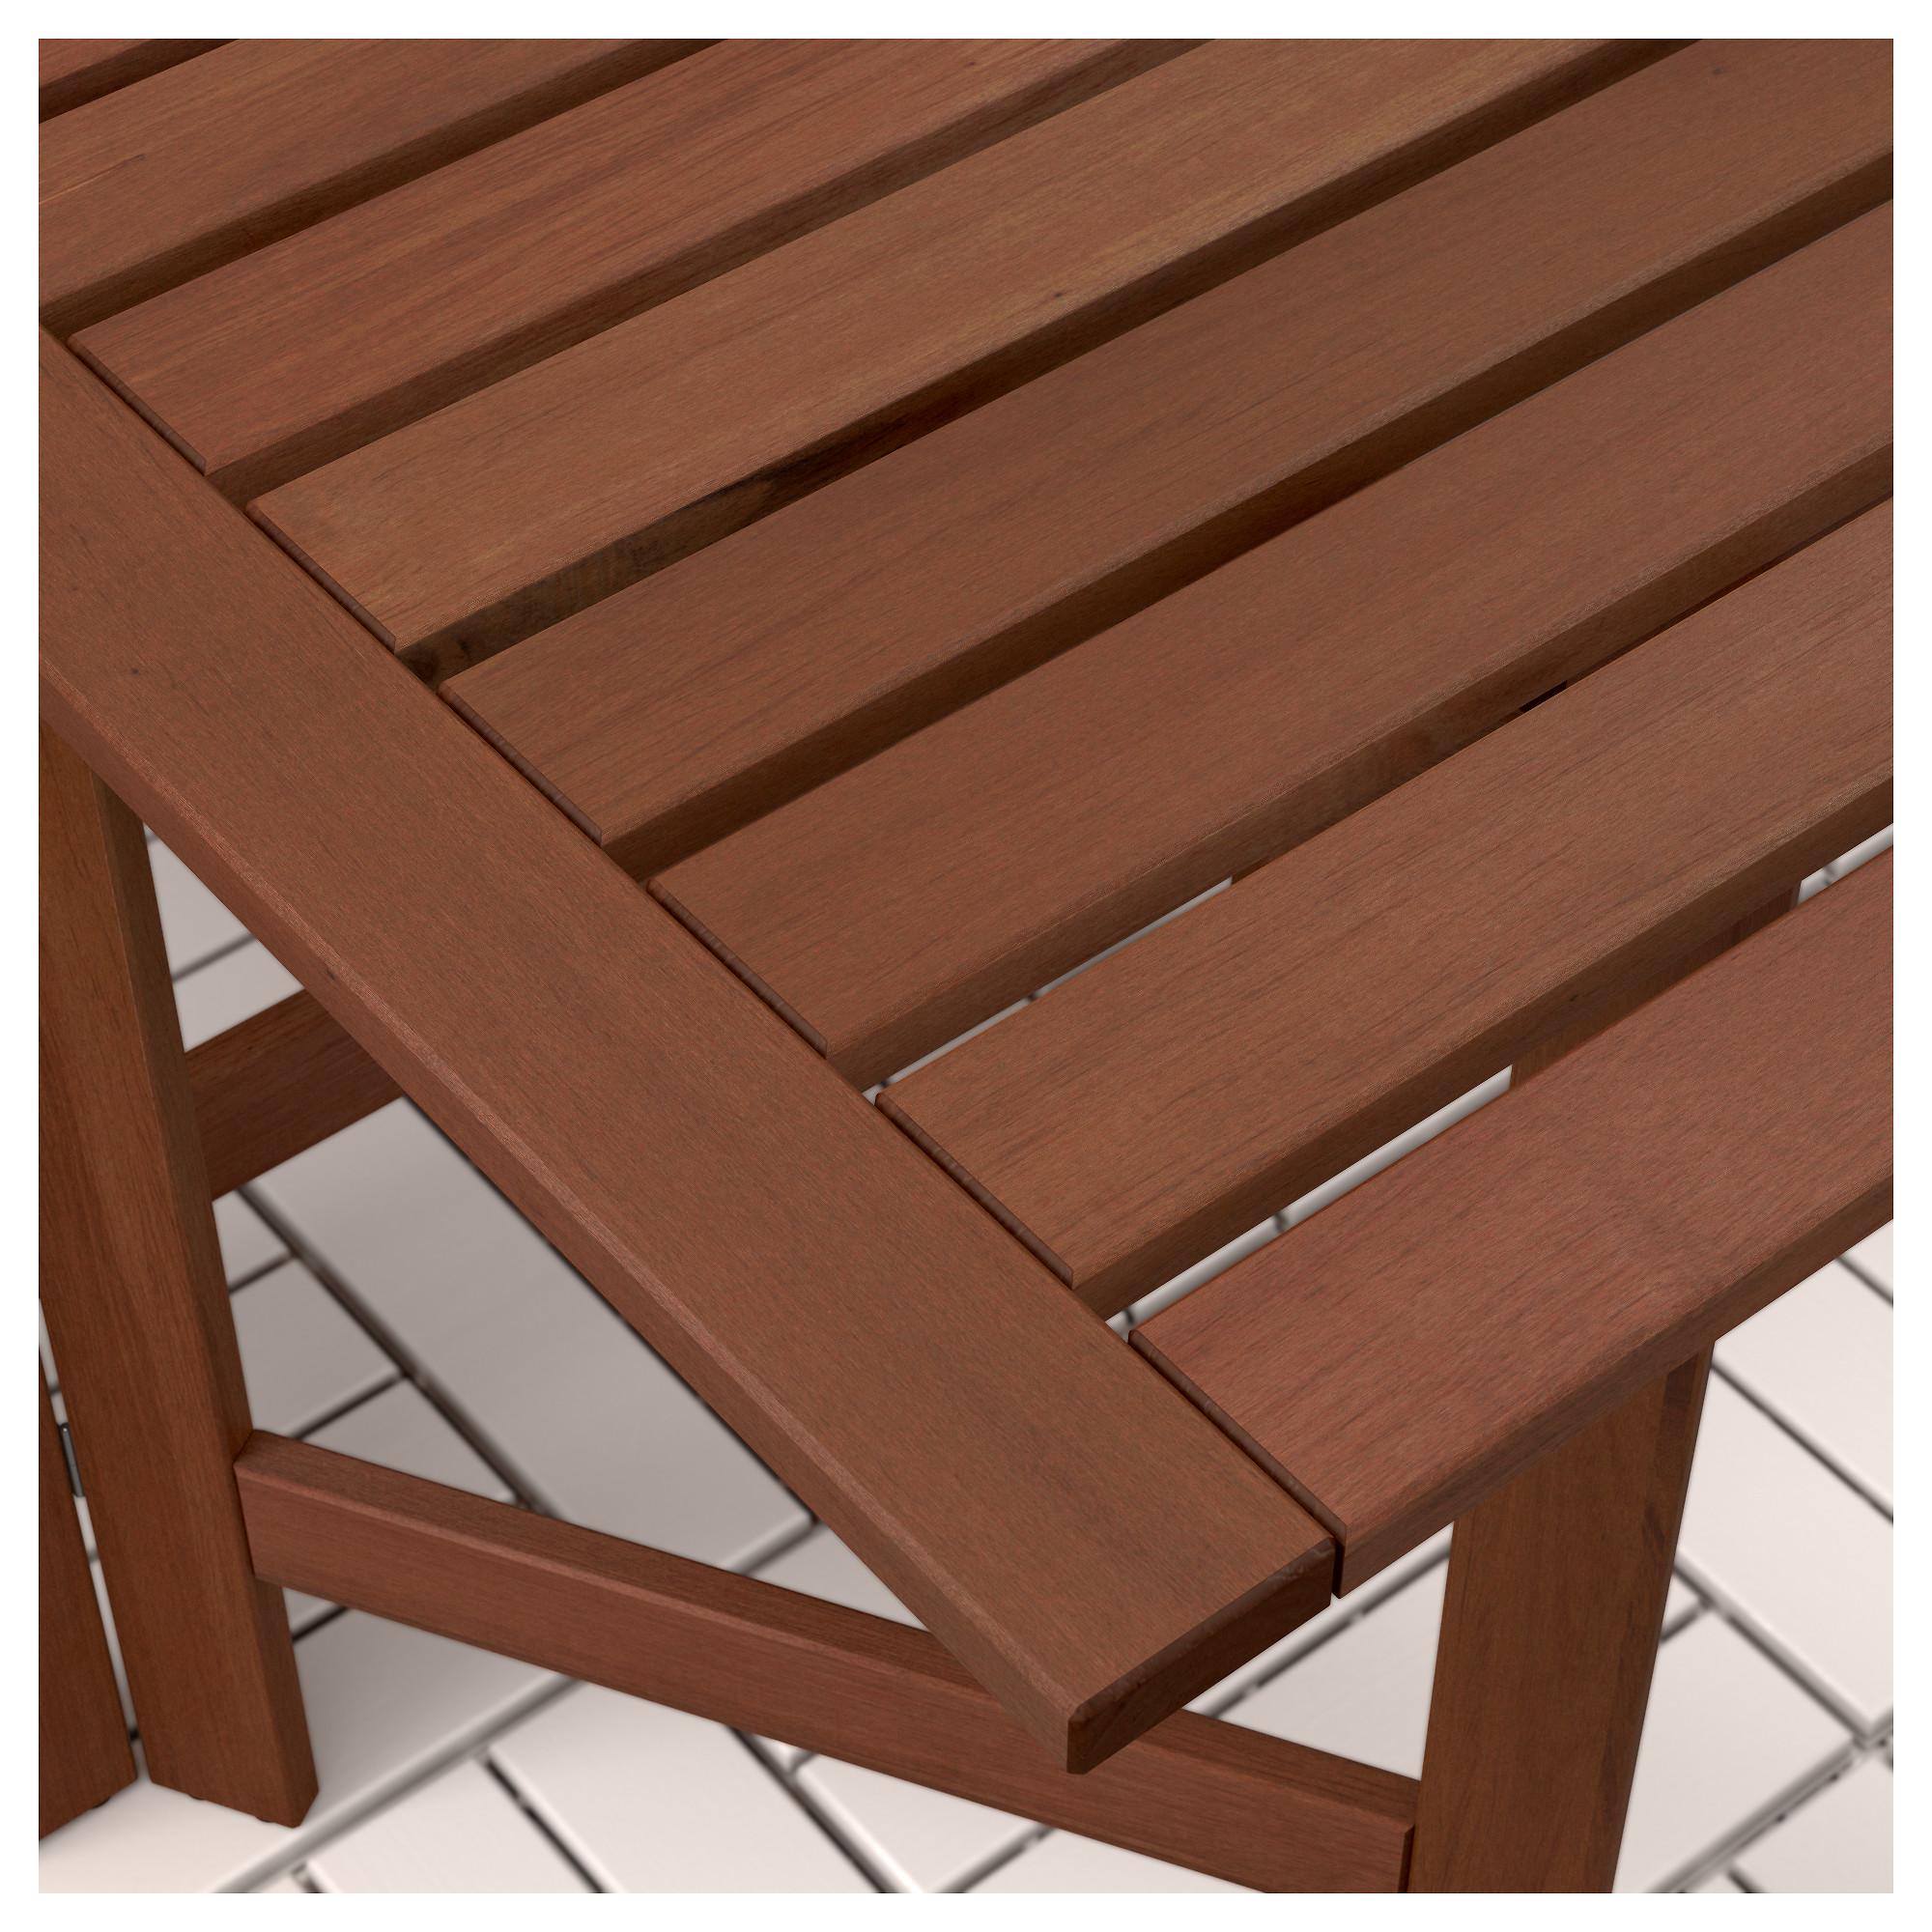 Стол + 2 складных стула для сада ЭПЛАРО синий артикуль № 592.289.25 в наличии. Онлайн магазин ИКЕА Республика Беларусь. Быстрая доставка и соборка.